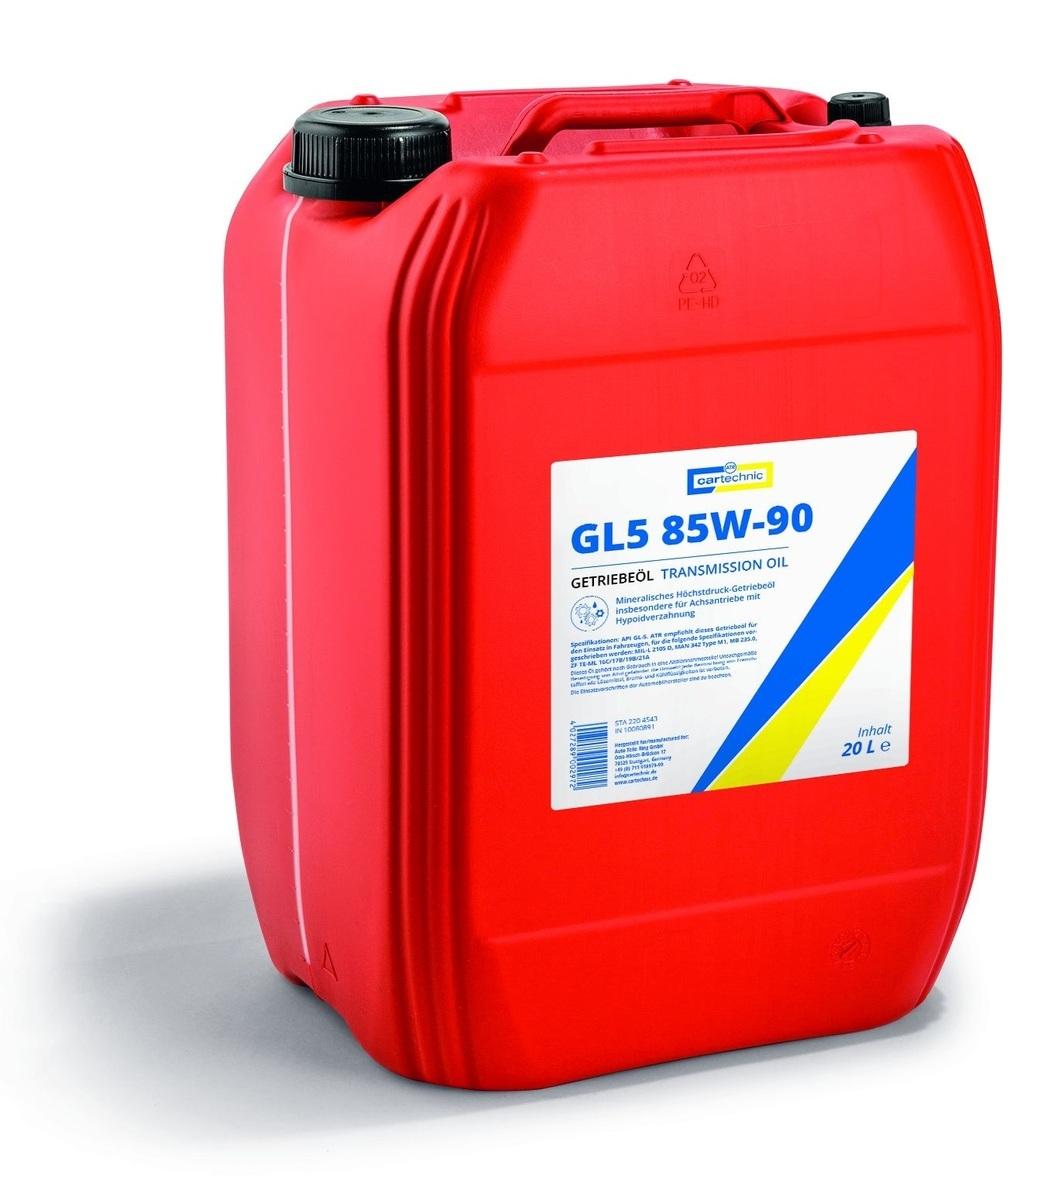 Převodový olej GL5 85W-90, pro velmi namáhané převodovky, 20 litrů - Cartechnic